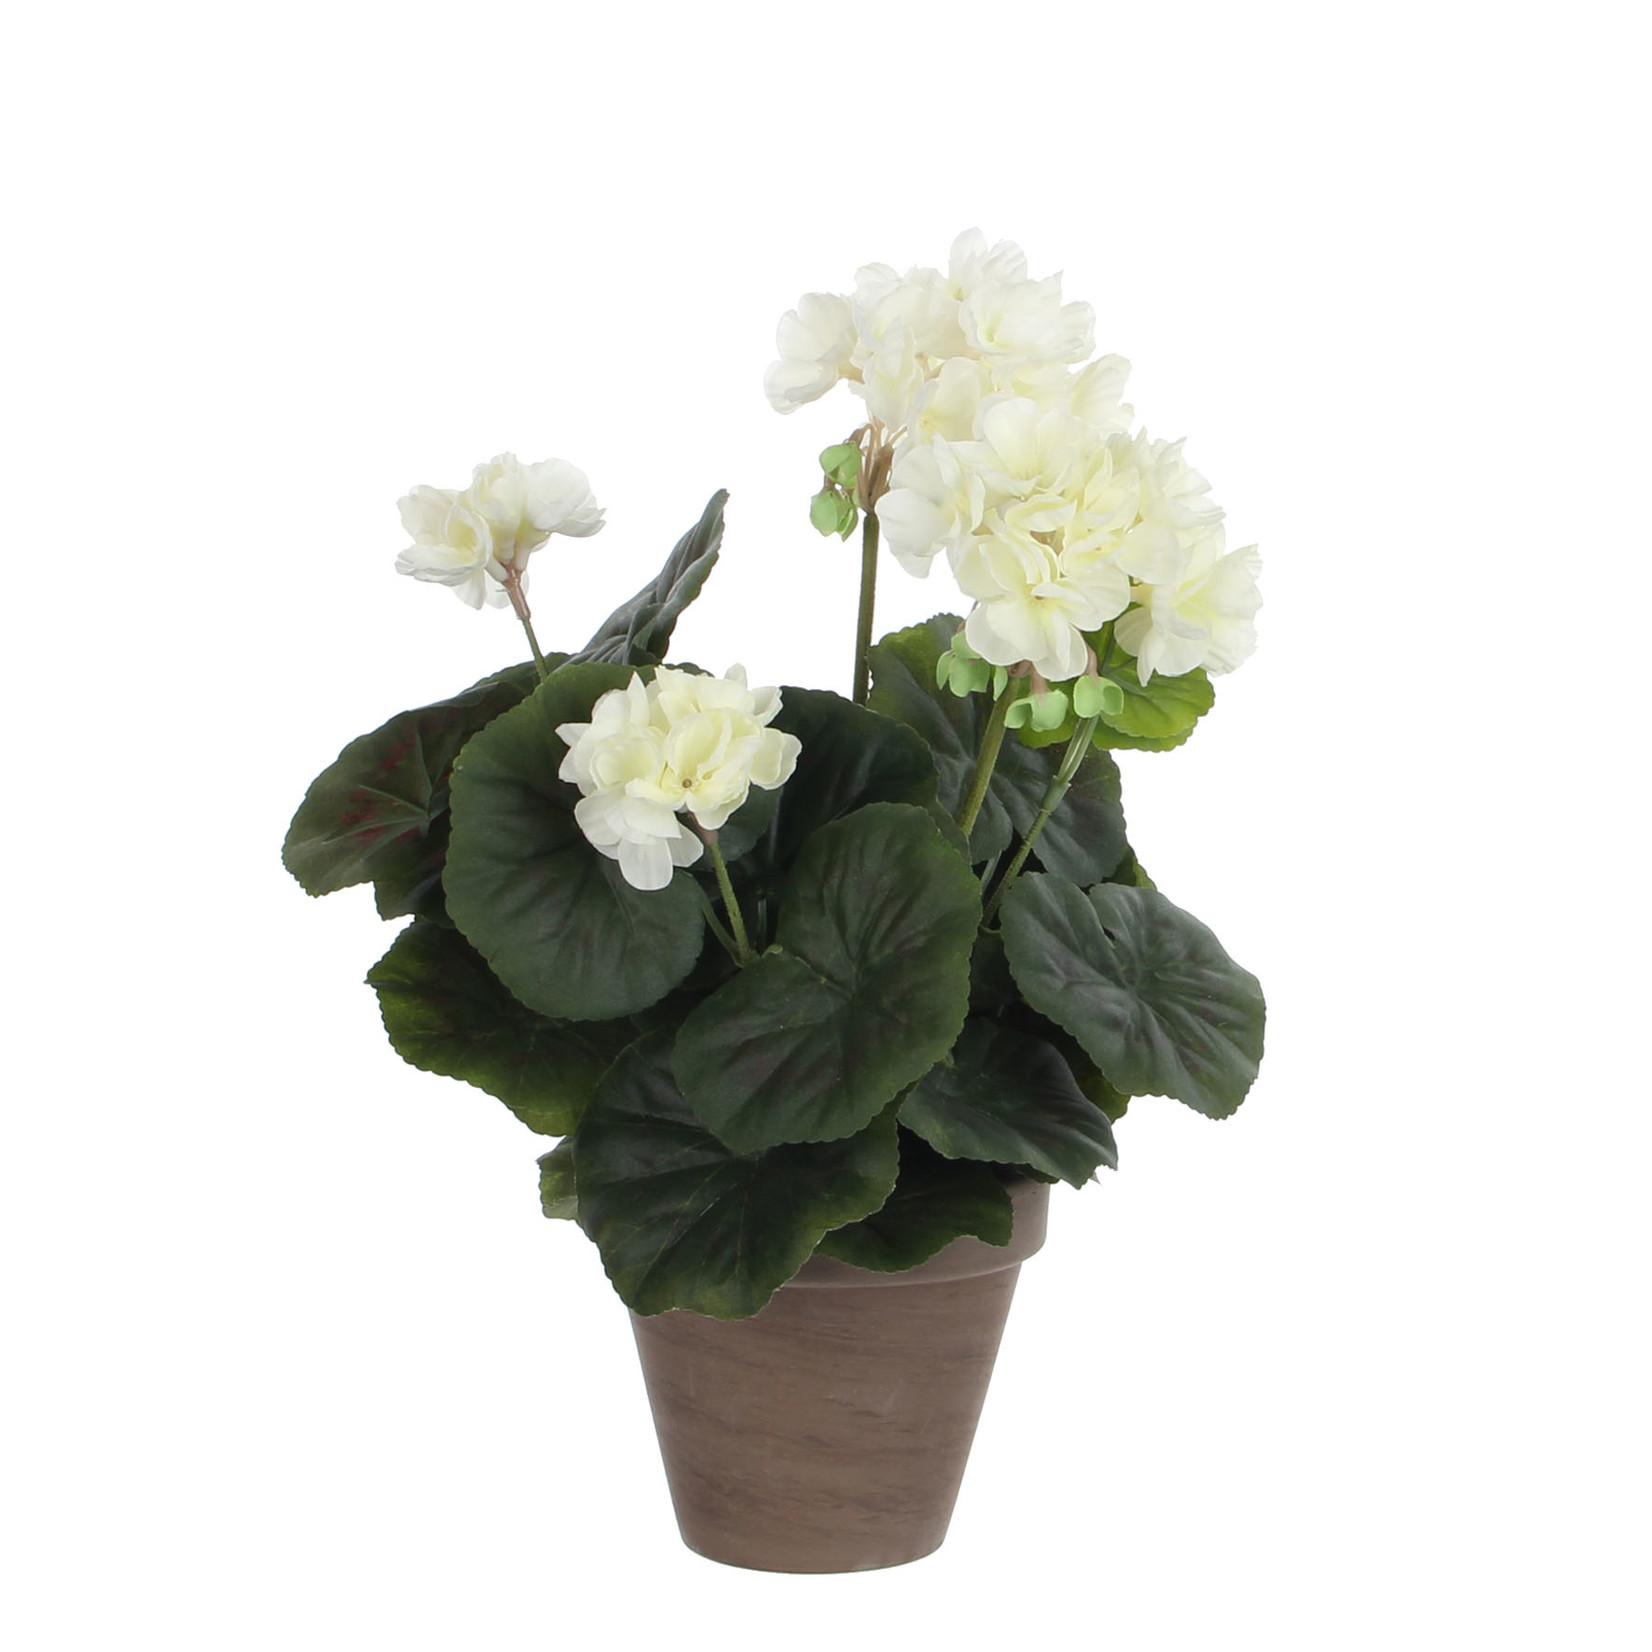 Geranium cream in pot Stan grey